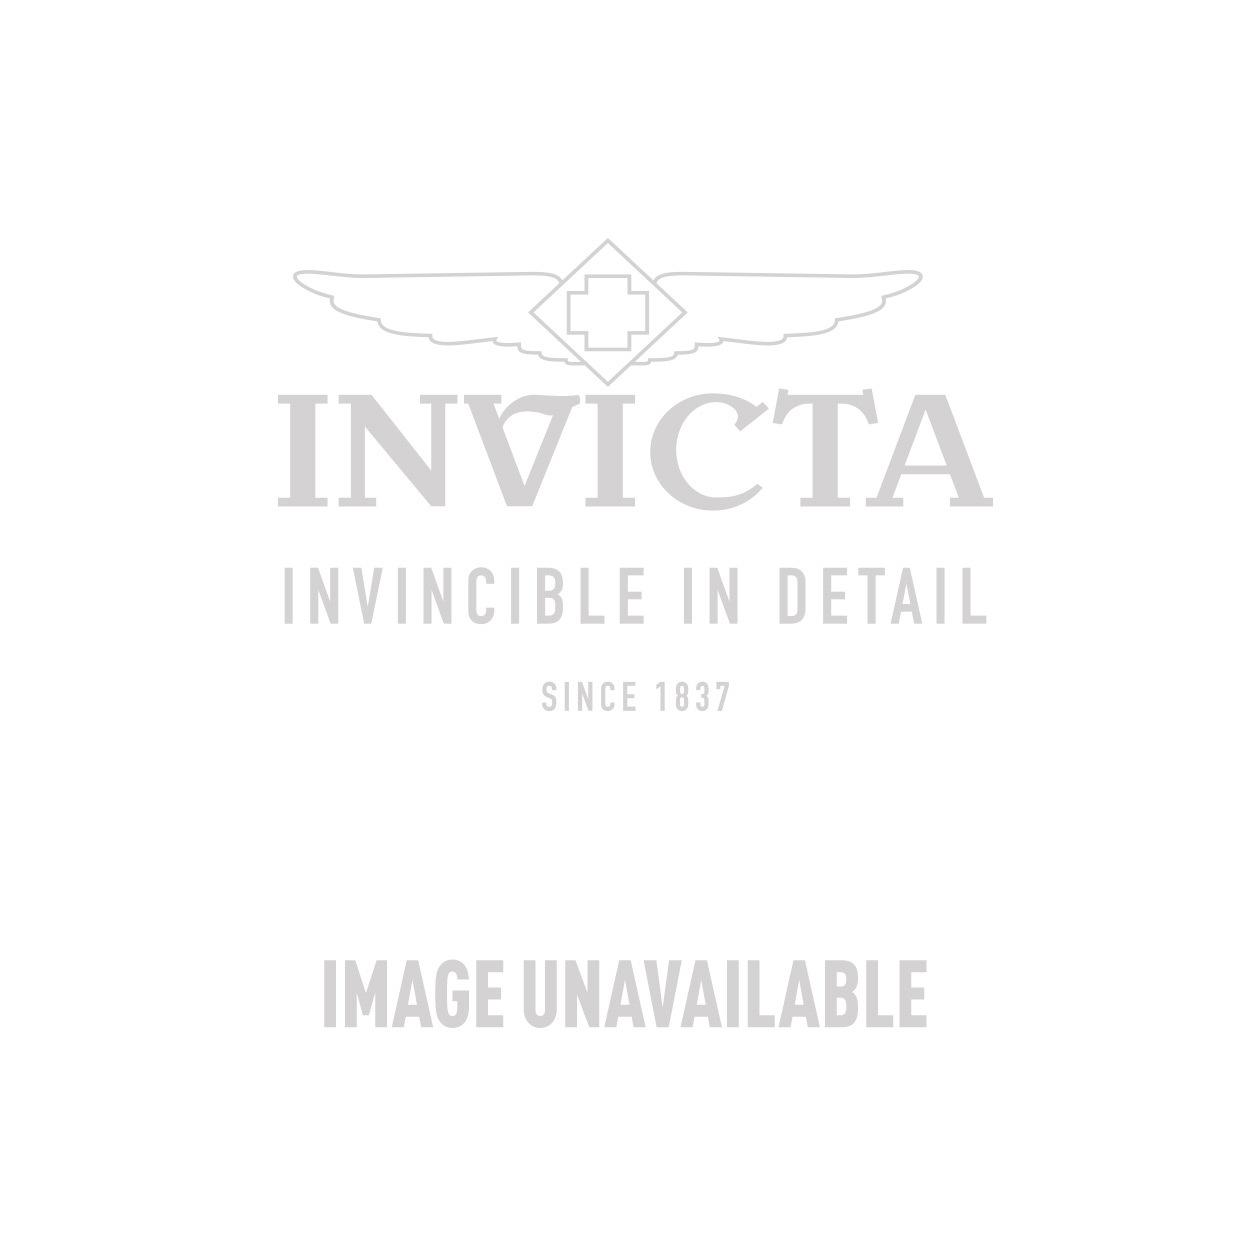 Invicta Model 28791